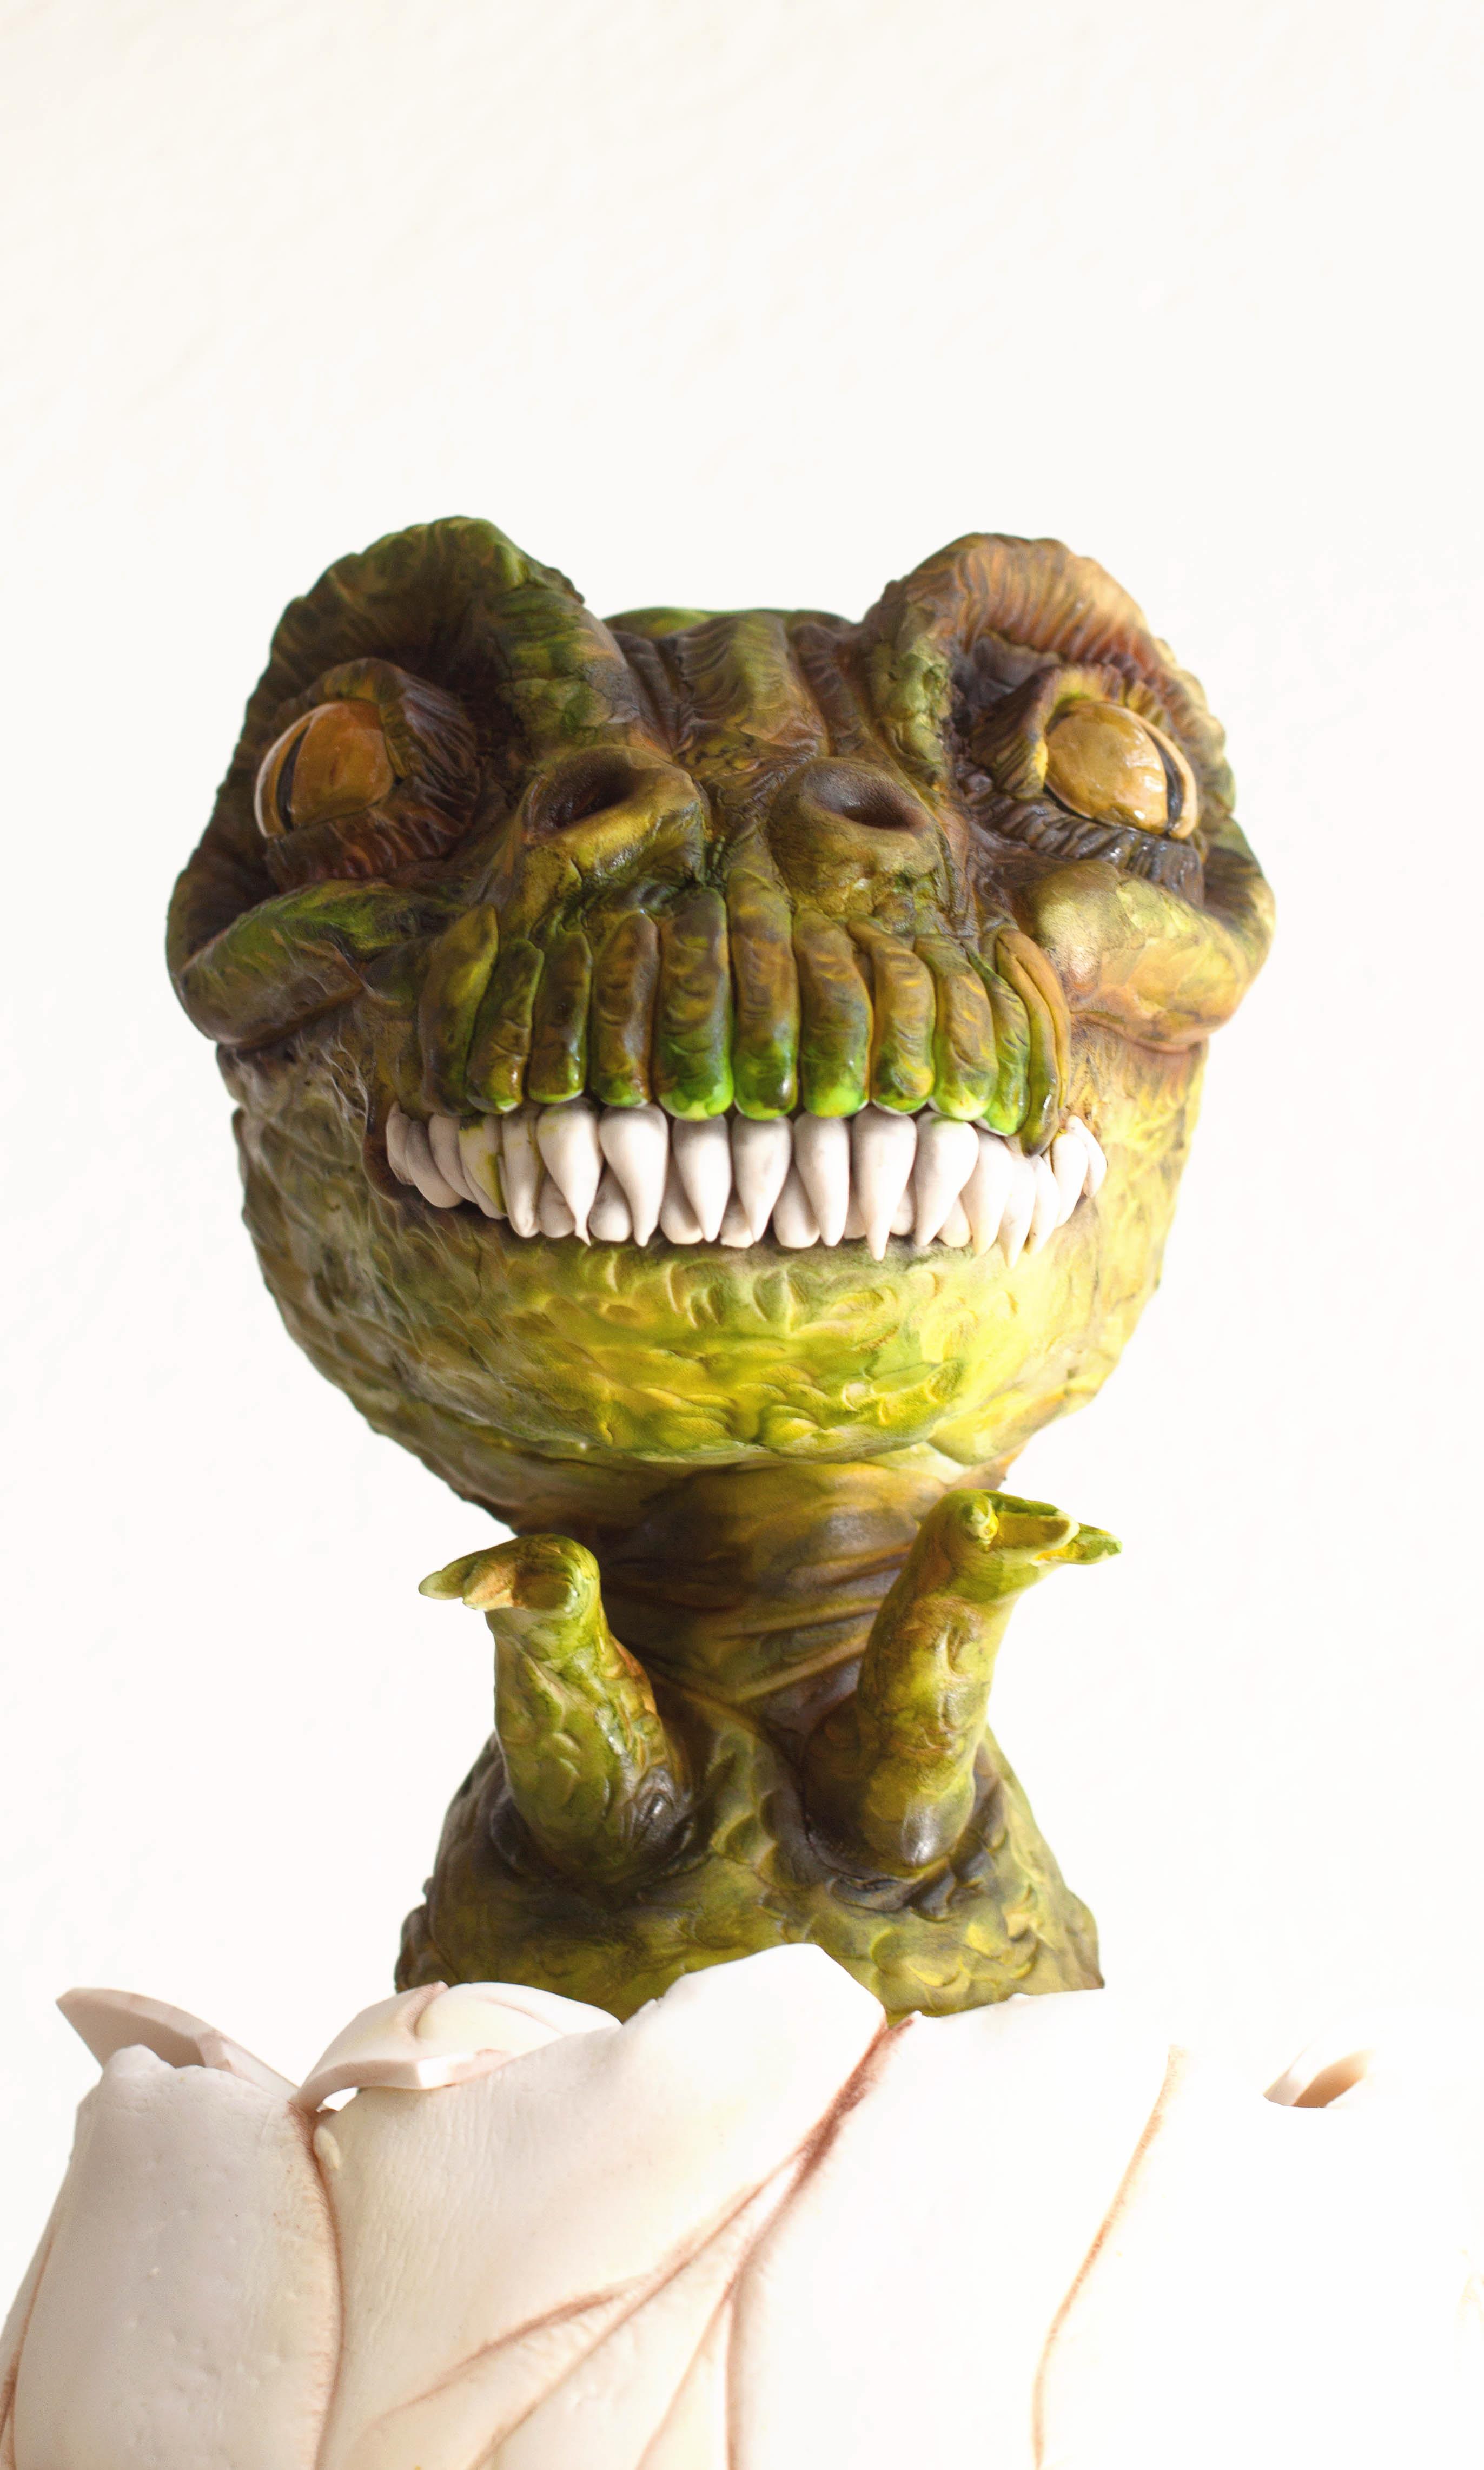 Sculpted dinosaur